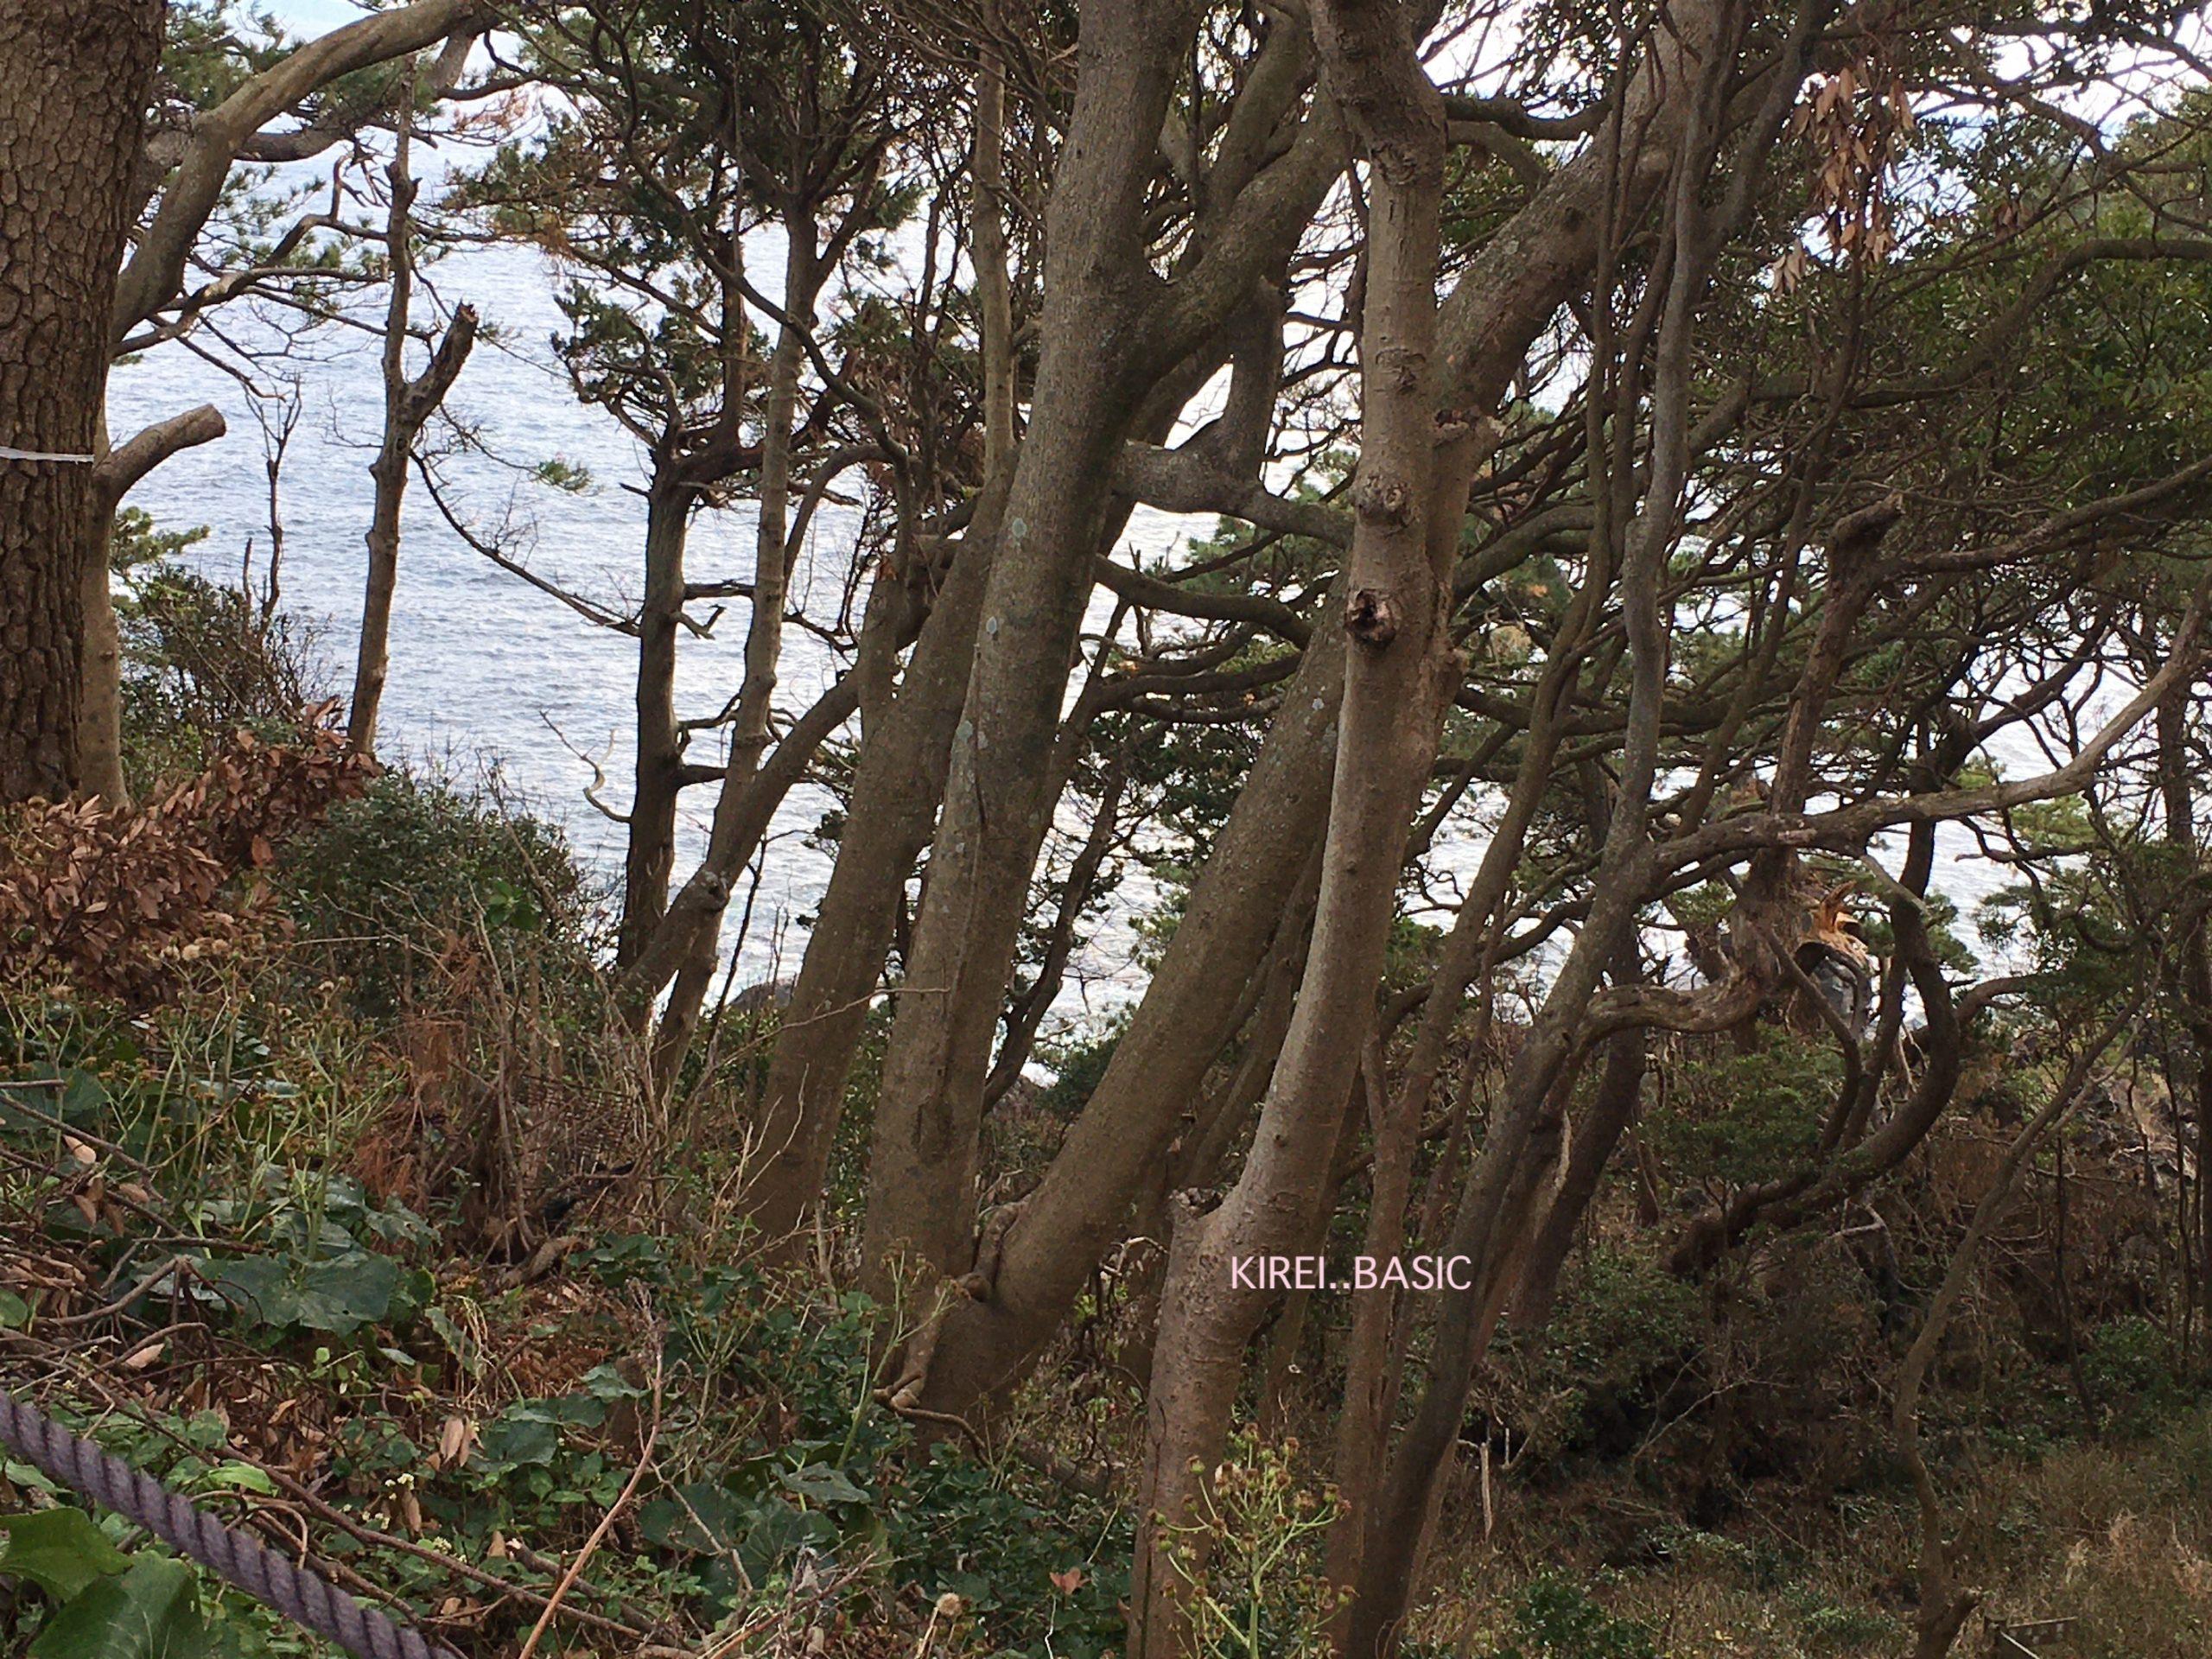 城ヶ崎つり橋の林間コースから見える海